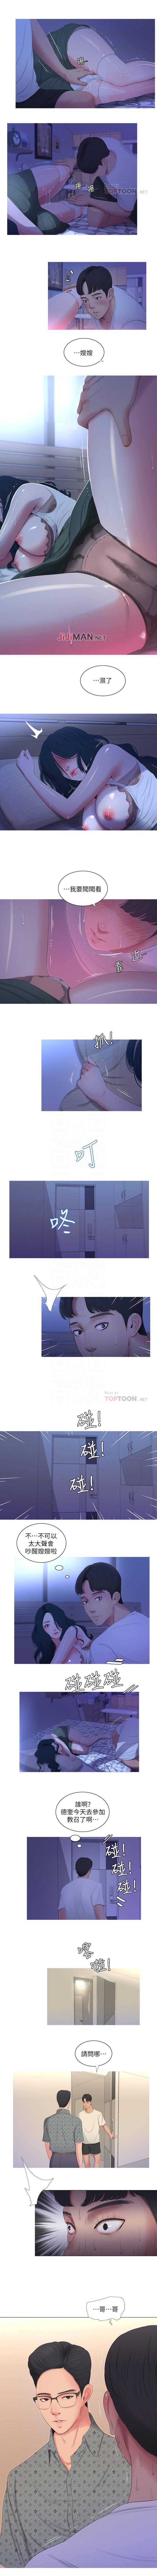 【周四连载】亲家四姐妹(作者:愛摸) 第1~37话 52